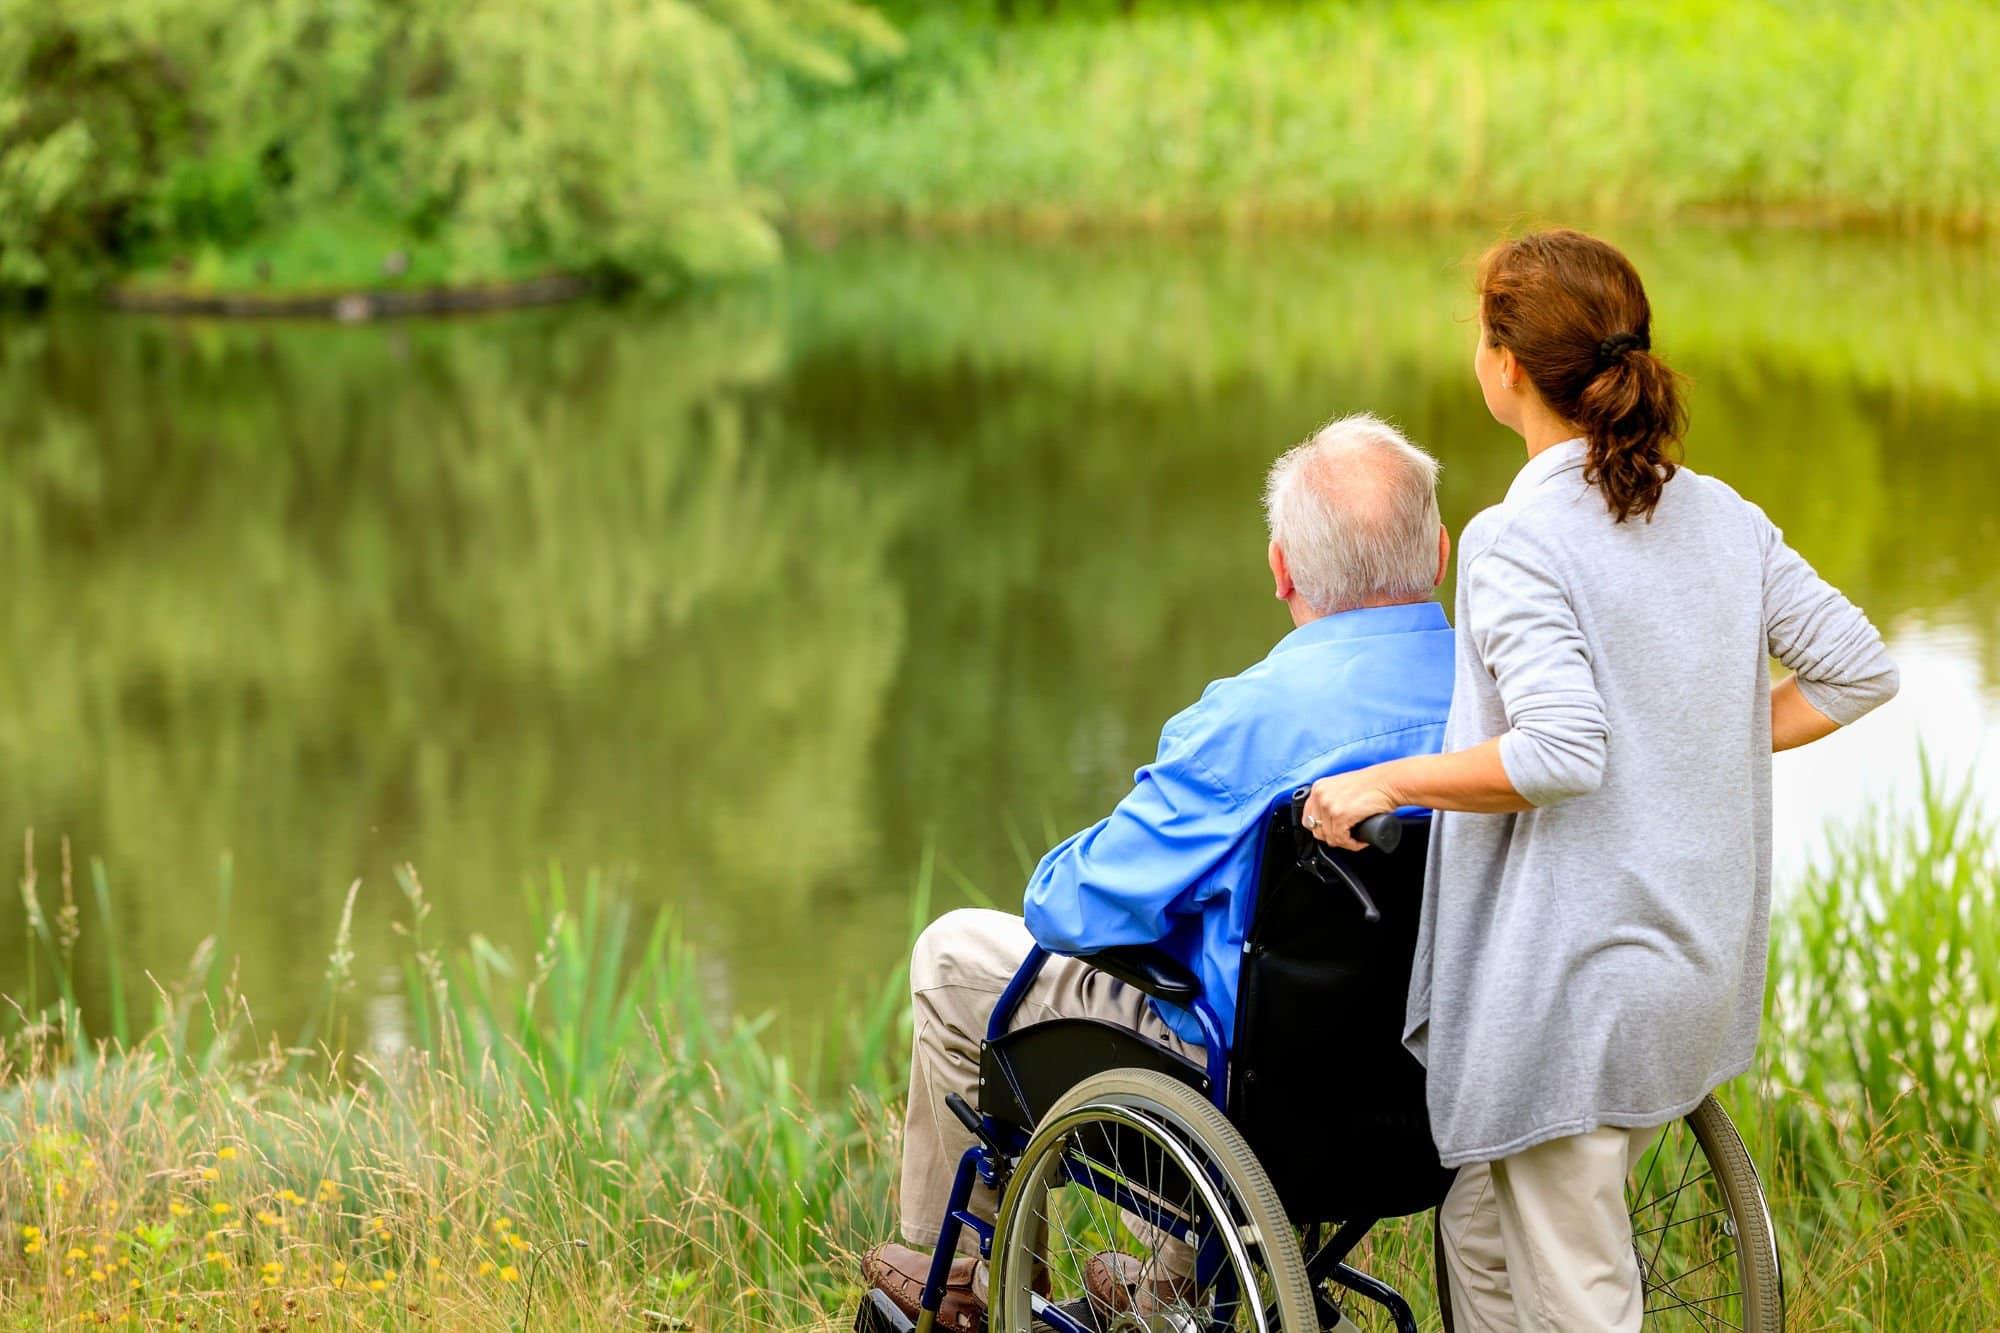 Как оказание помощи другим людям влияет на мозг человека